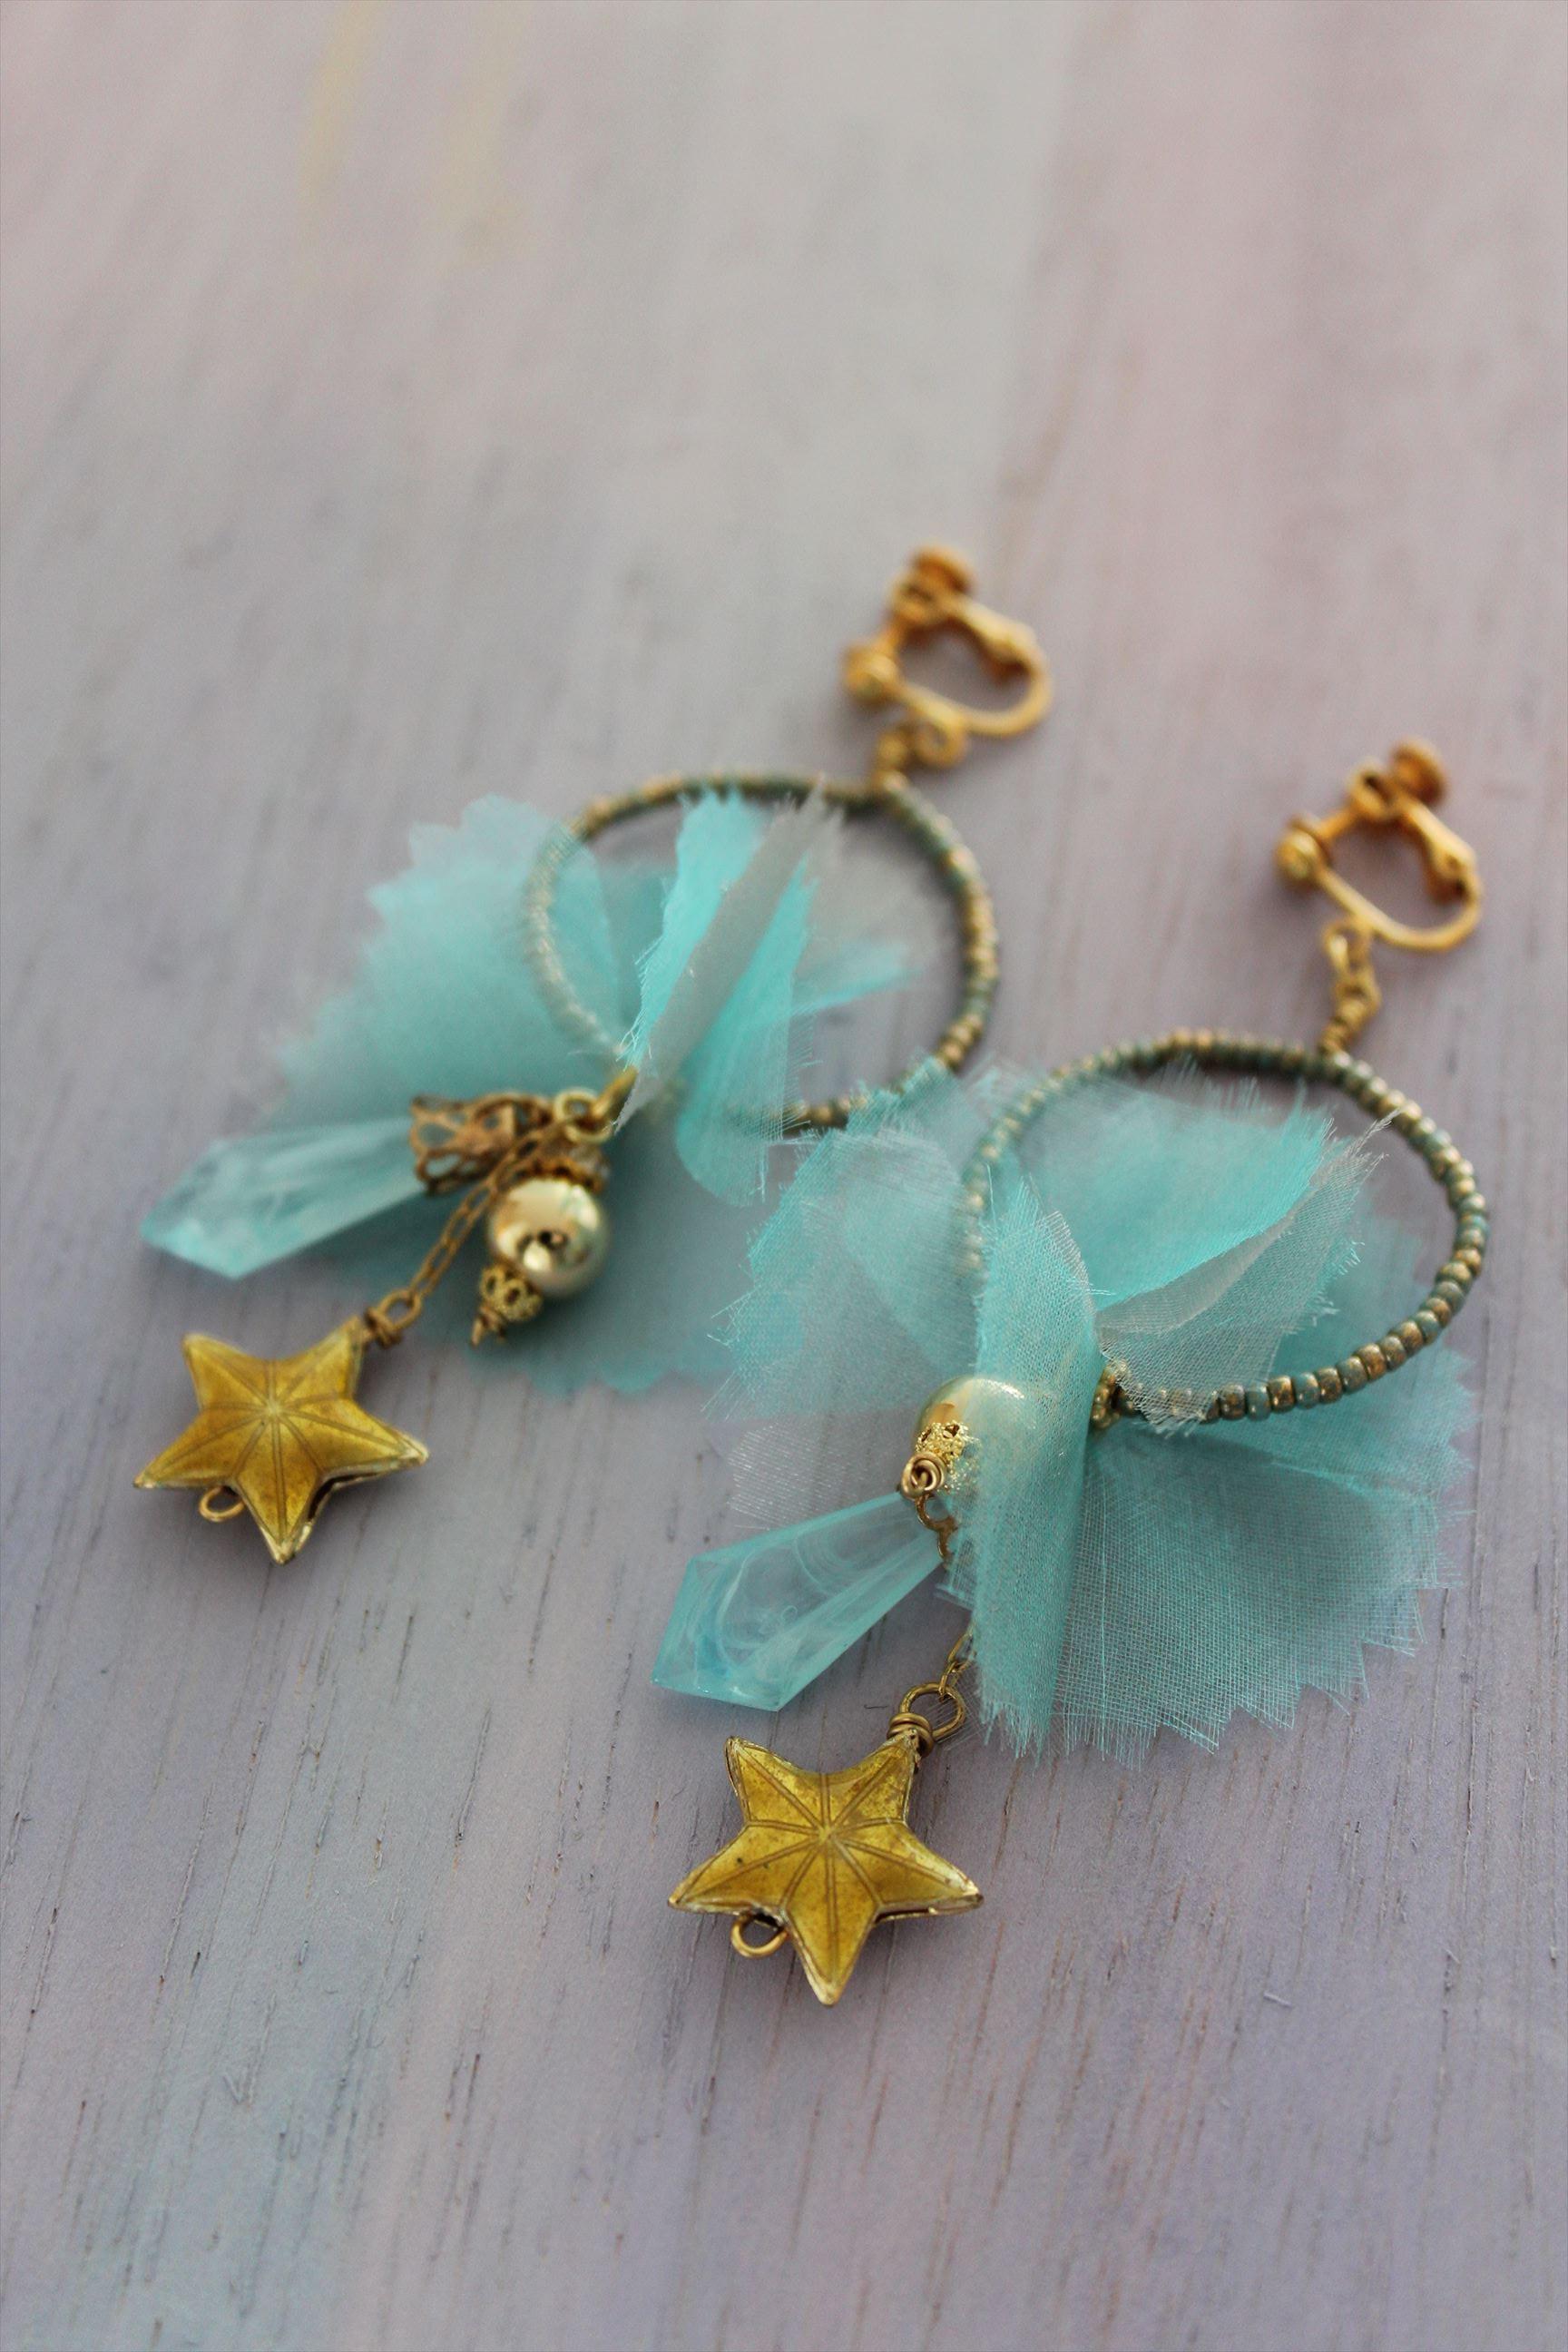 水色のシルクオーガンジーと星のフープイヤリング